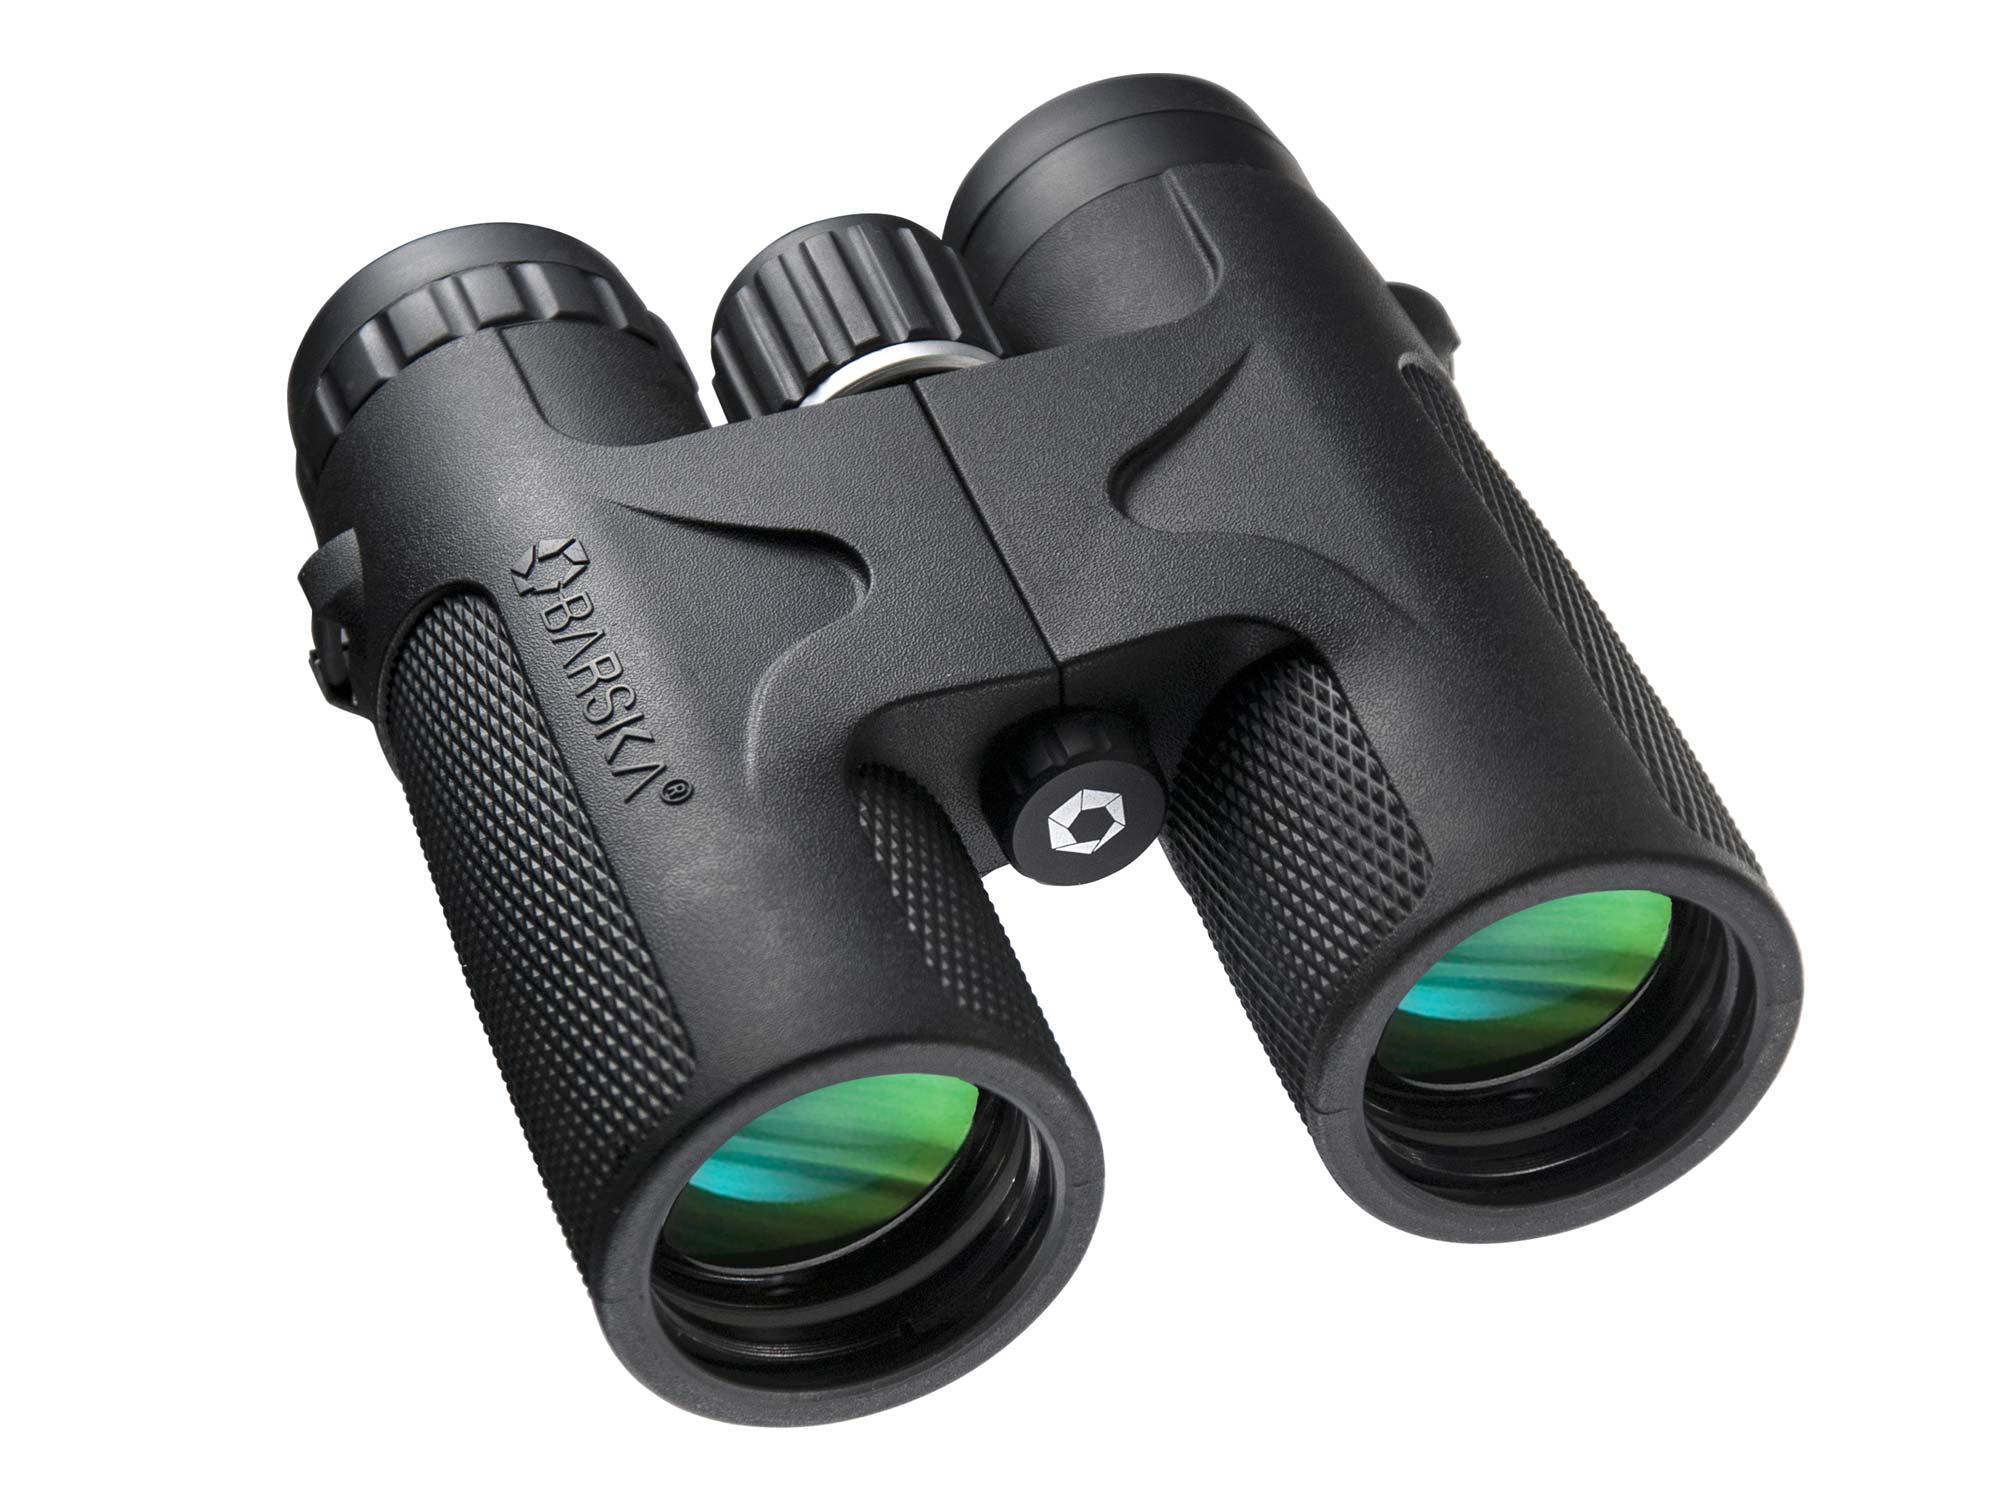 Barska Optics Blackhawk Binoculars